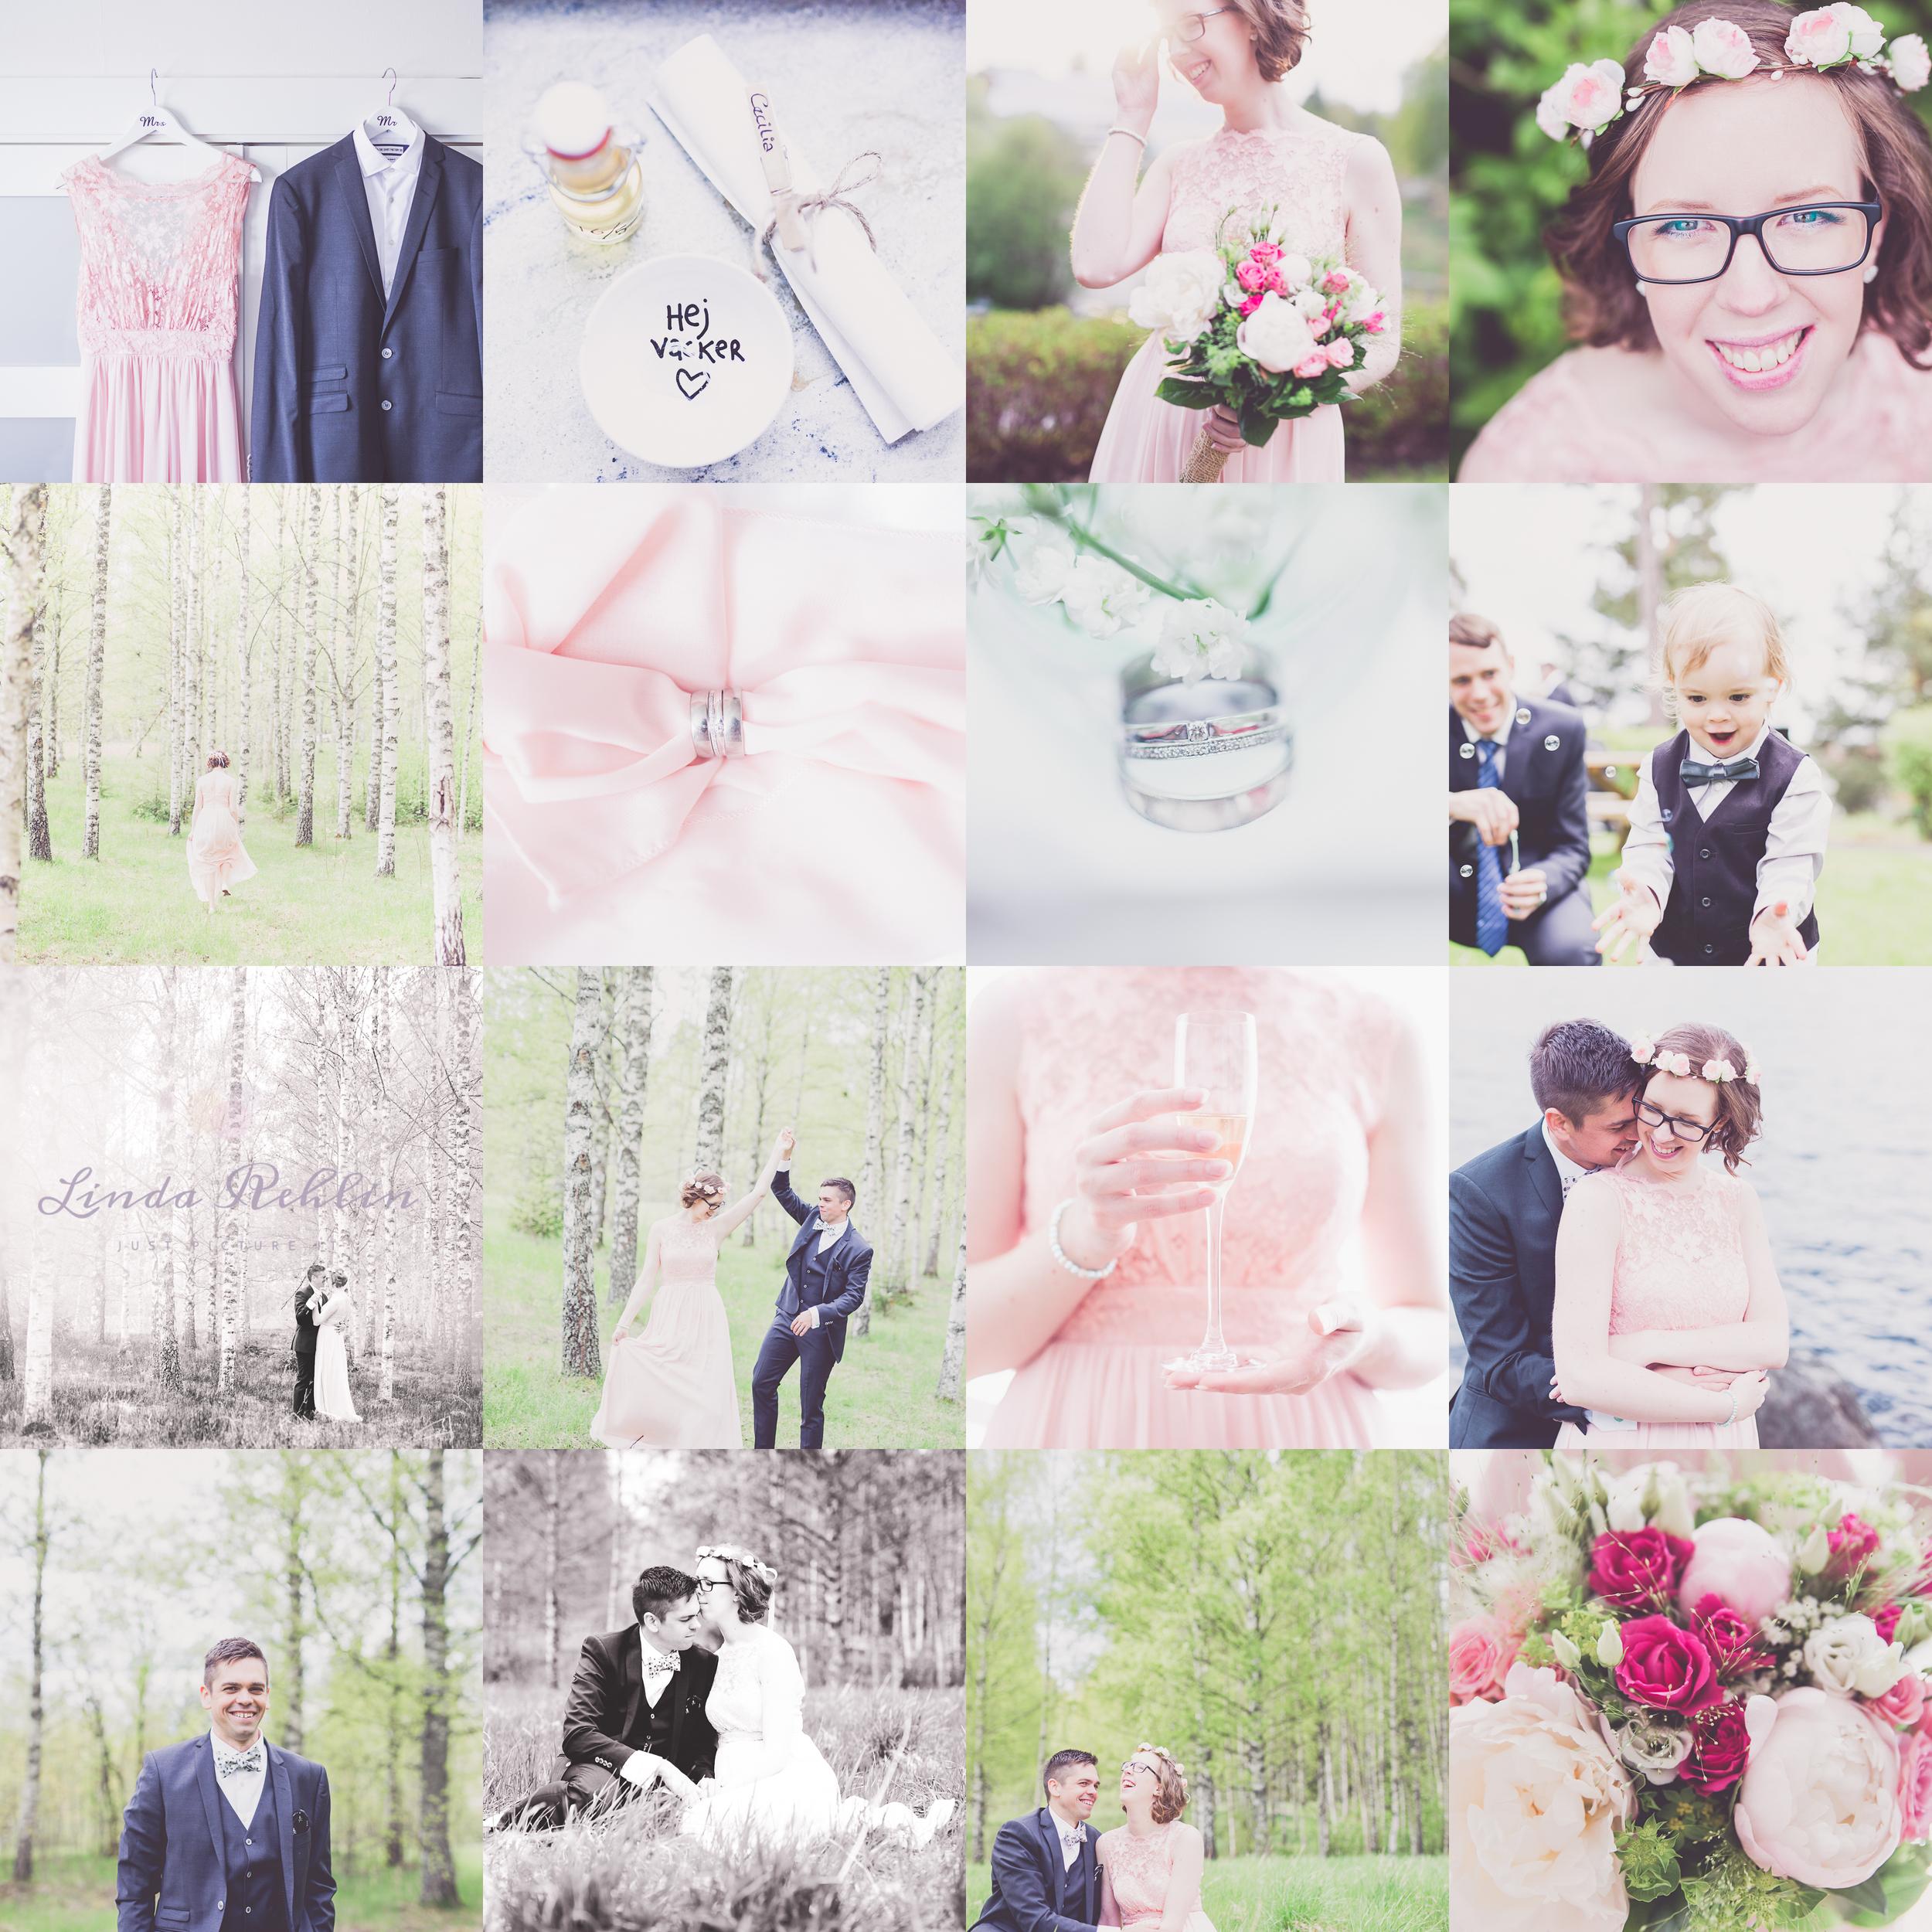 Bröllopsfotograf stockholm, destinationsbröllop, bröllopsfotograf Öland, borgerlig vigsel,